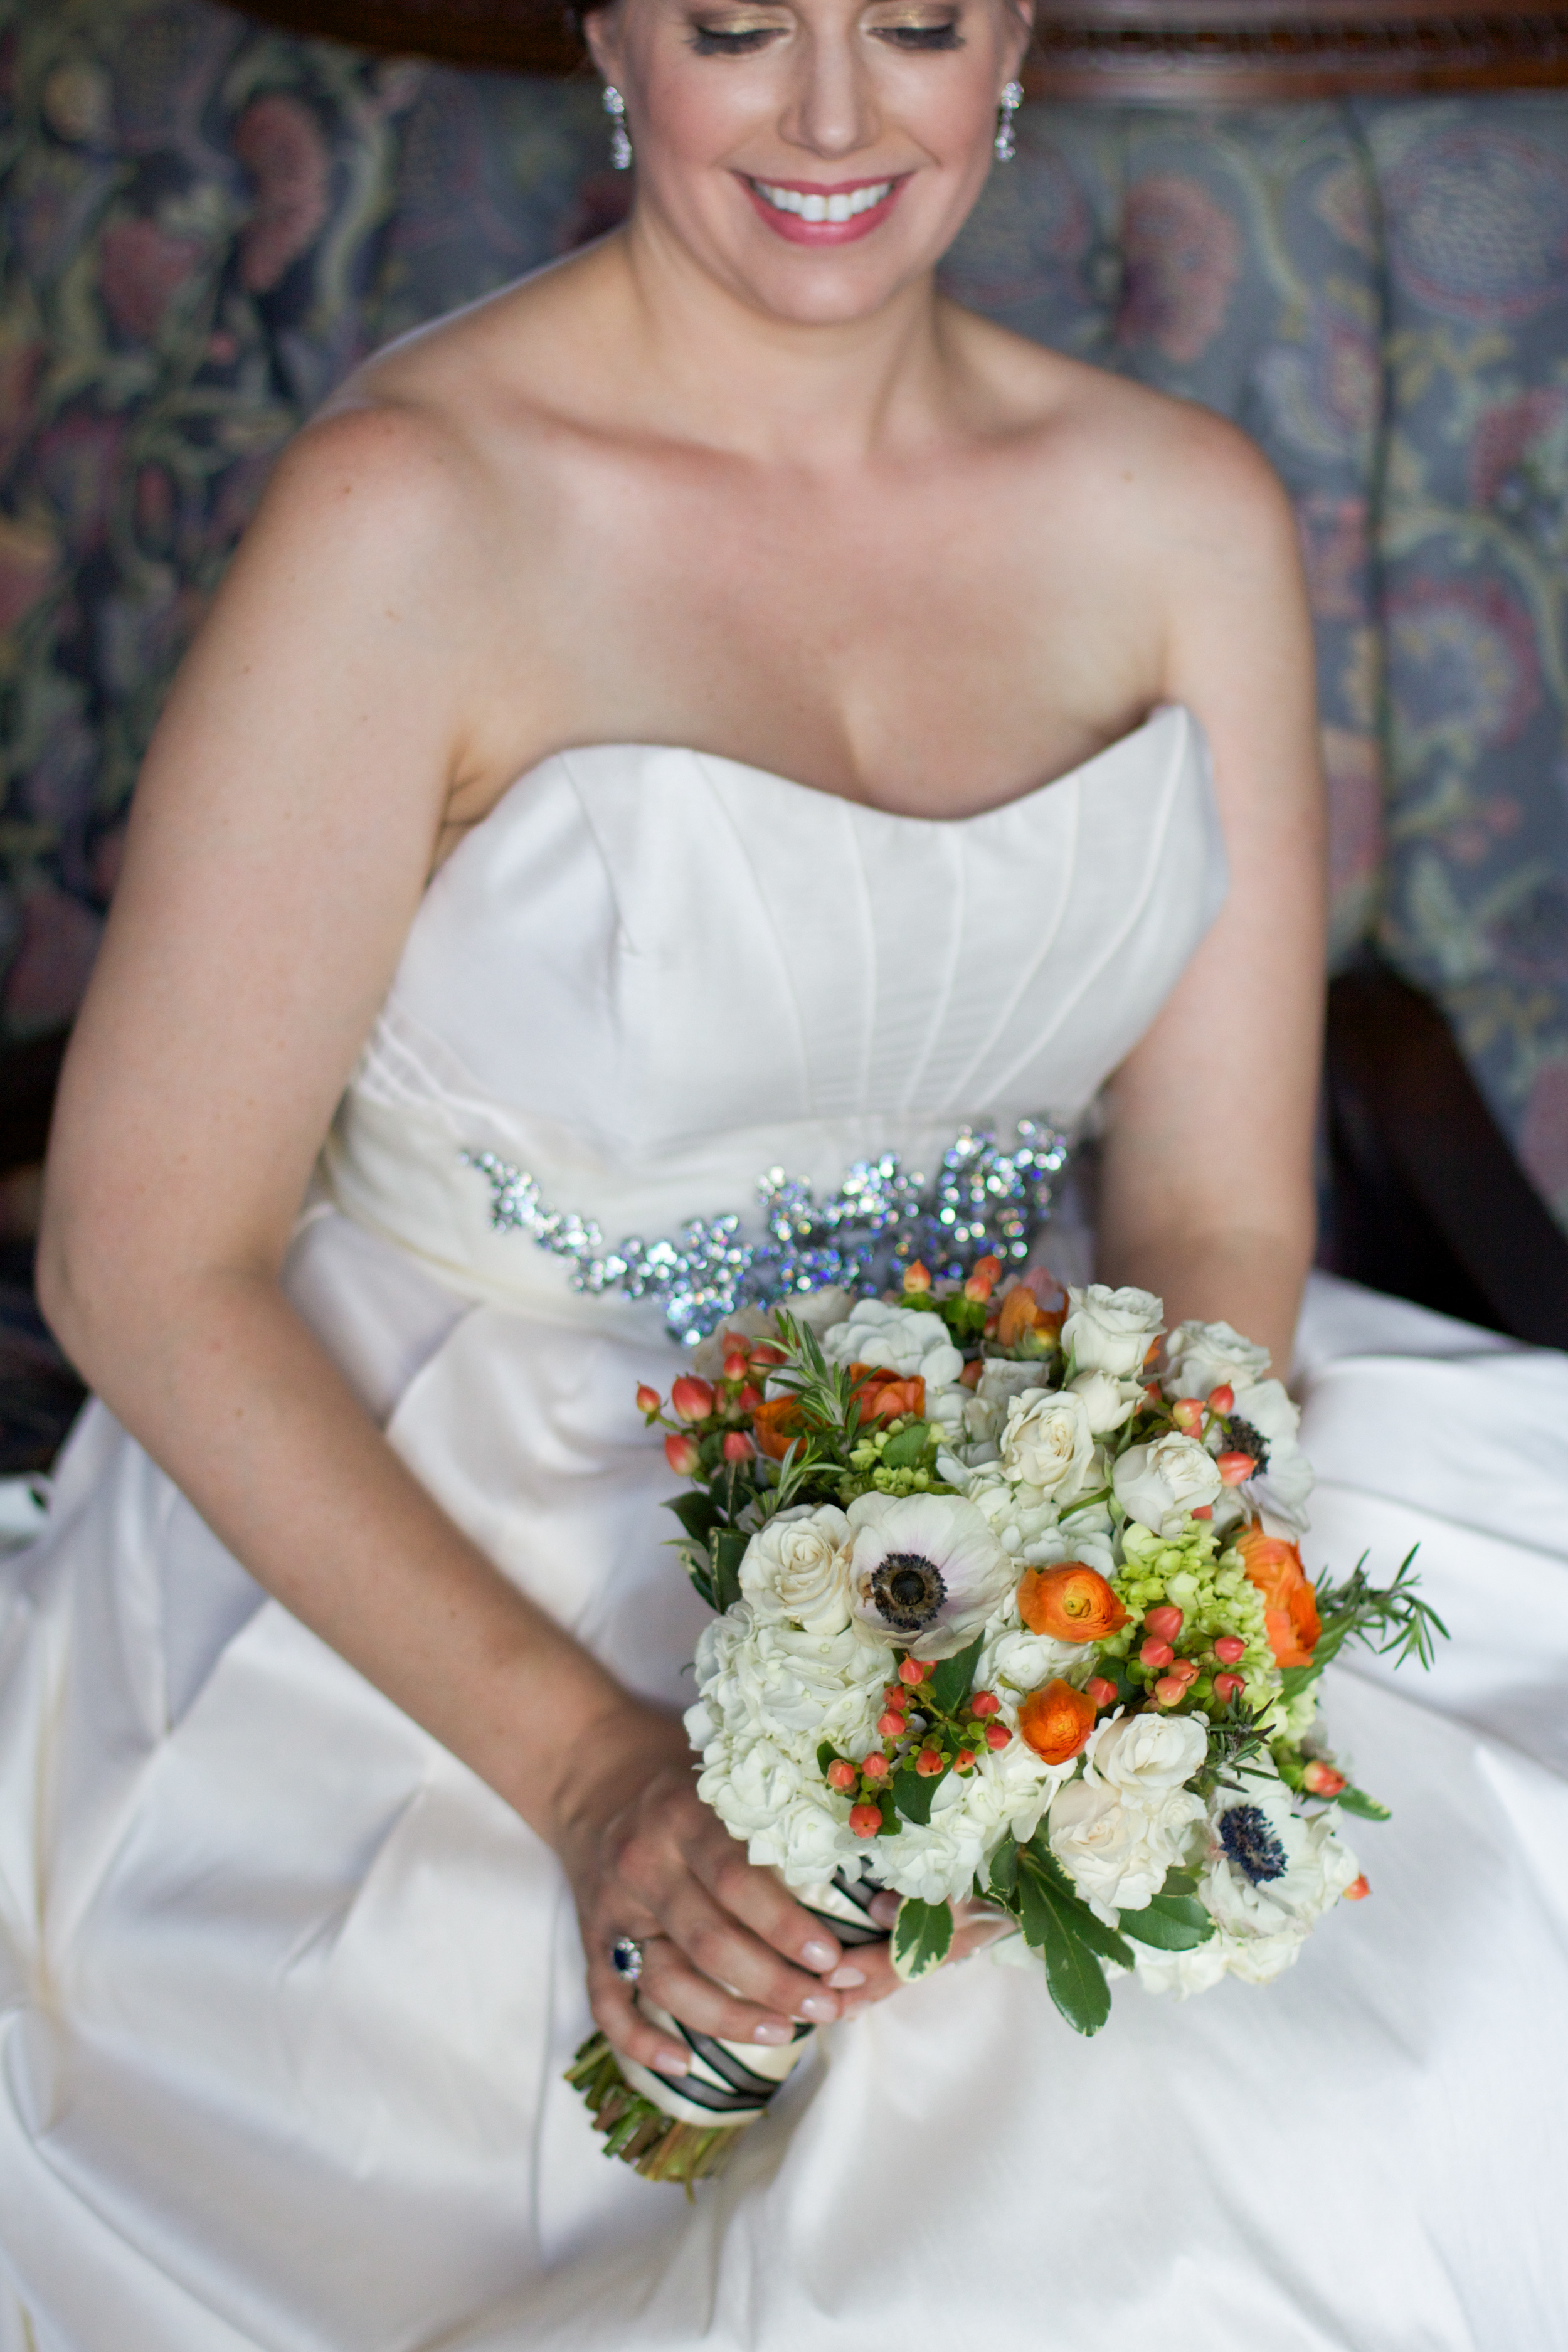 The bridal bouquet combined hydrangea, viburnum,roses, hypericum berries, anemones, renunculus, &rosemary